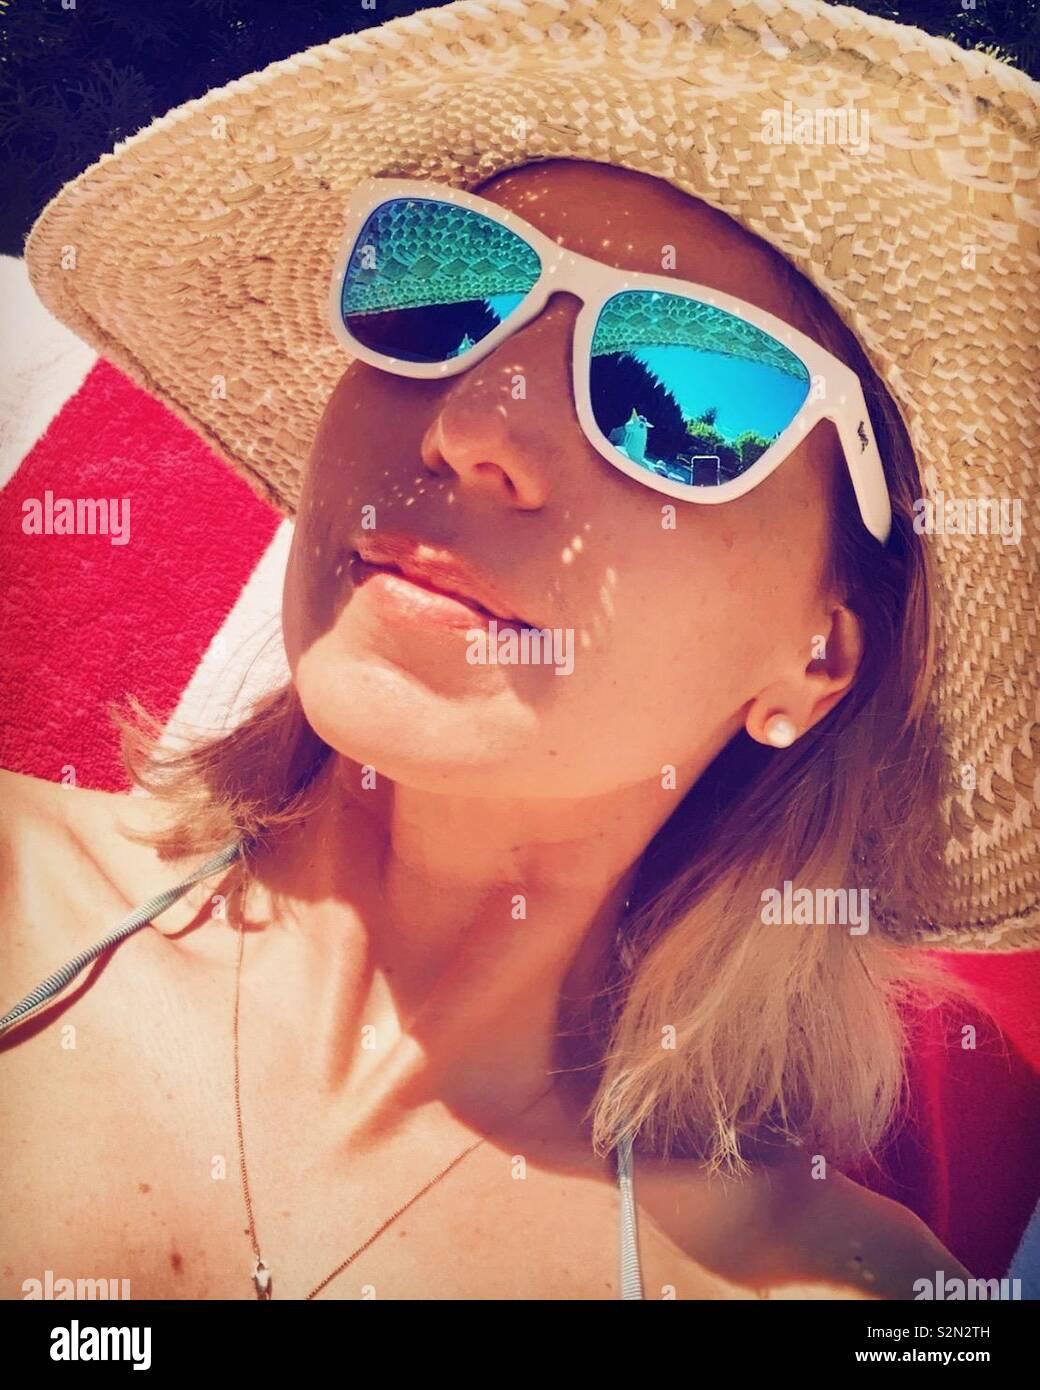 Mujer con gafas de sol y un sombrero de paja en un día soleado. Foto de stock